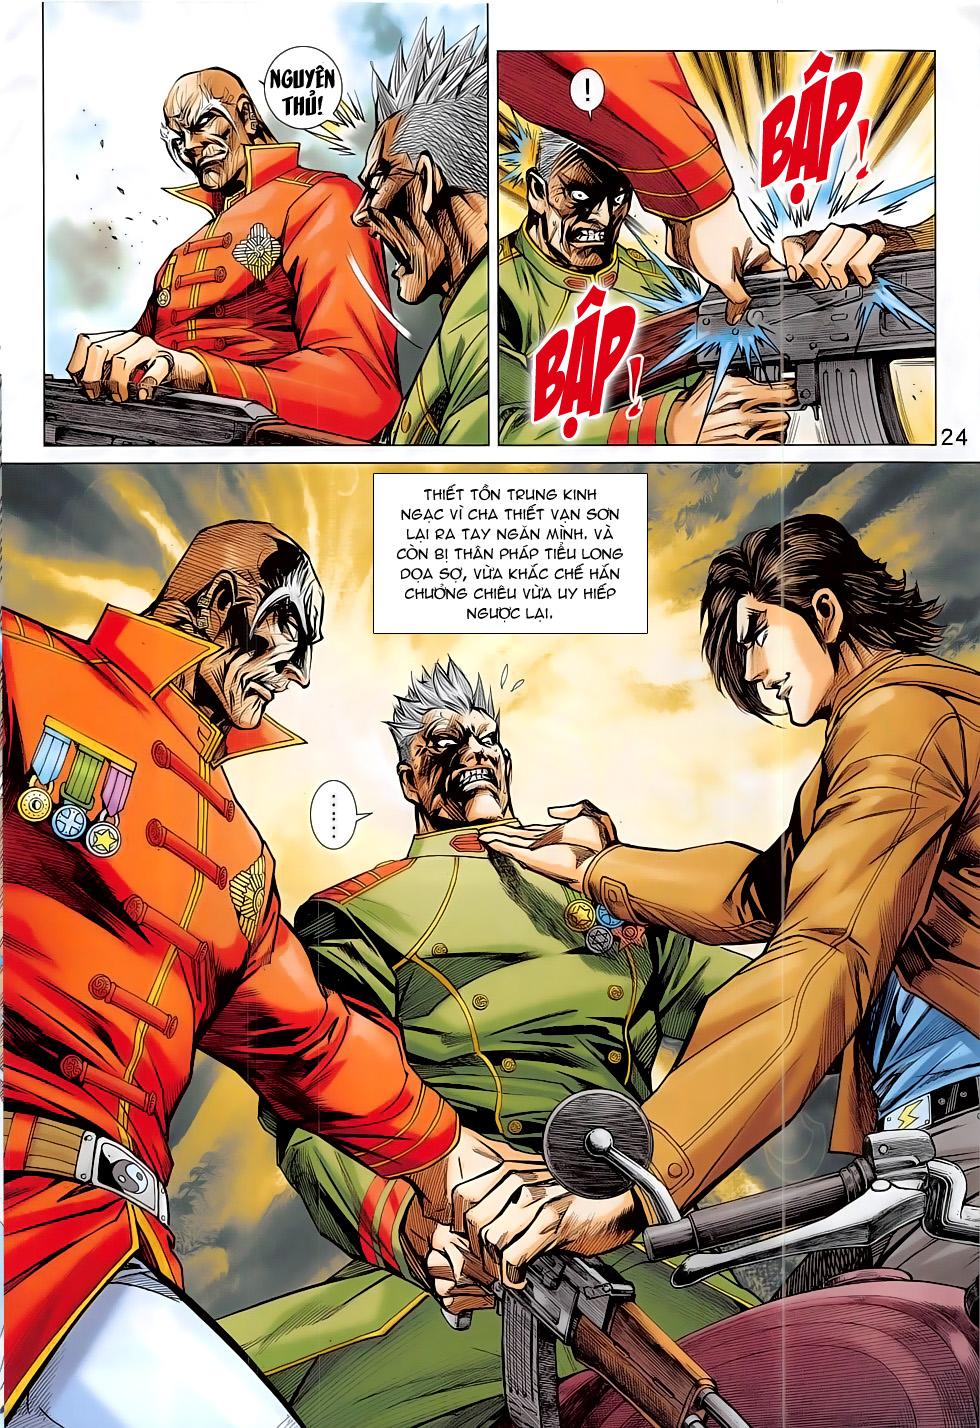 Tân Tác Long Hổ Môn chap 794 Trang 24 - Mangak.info